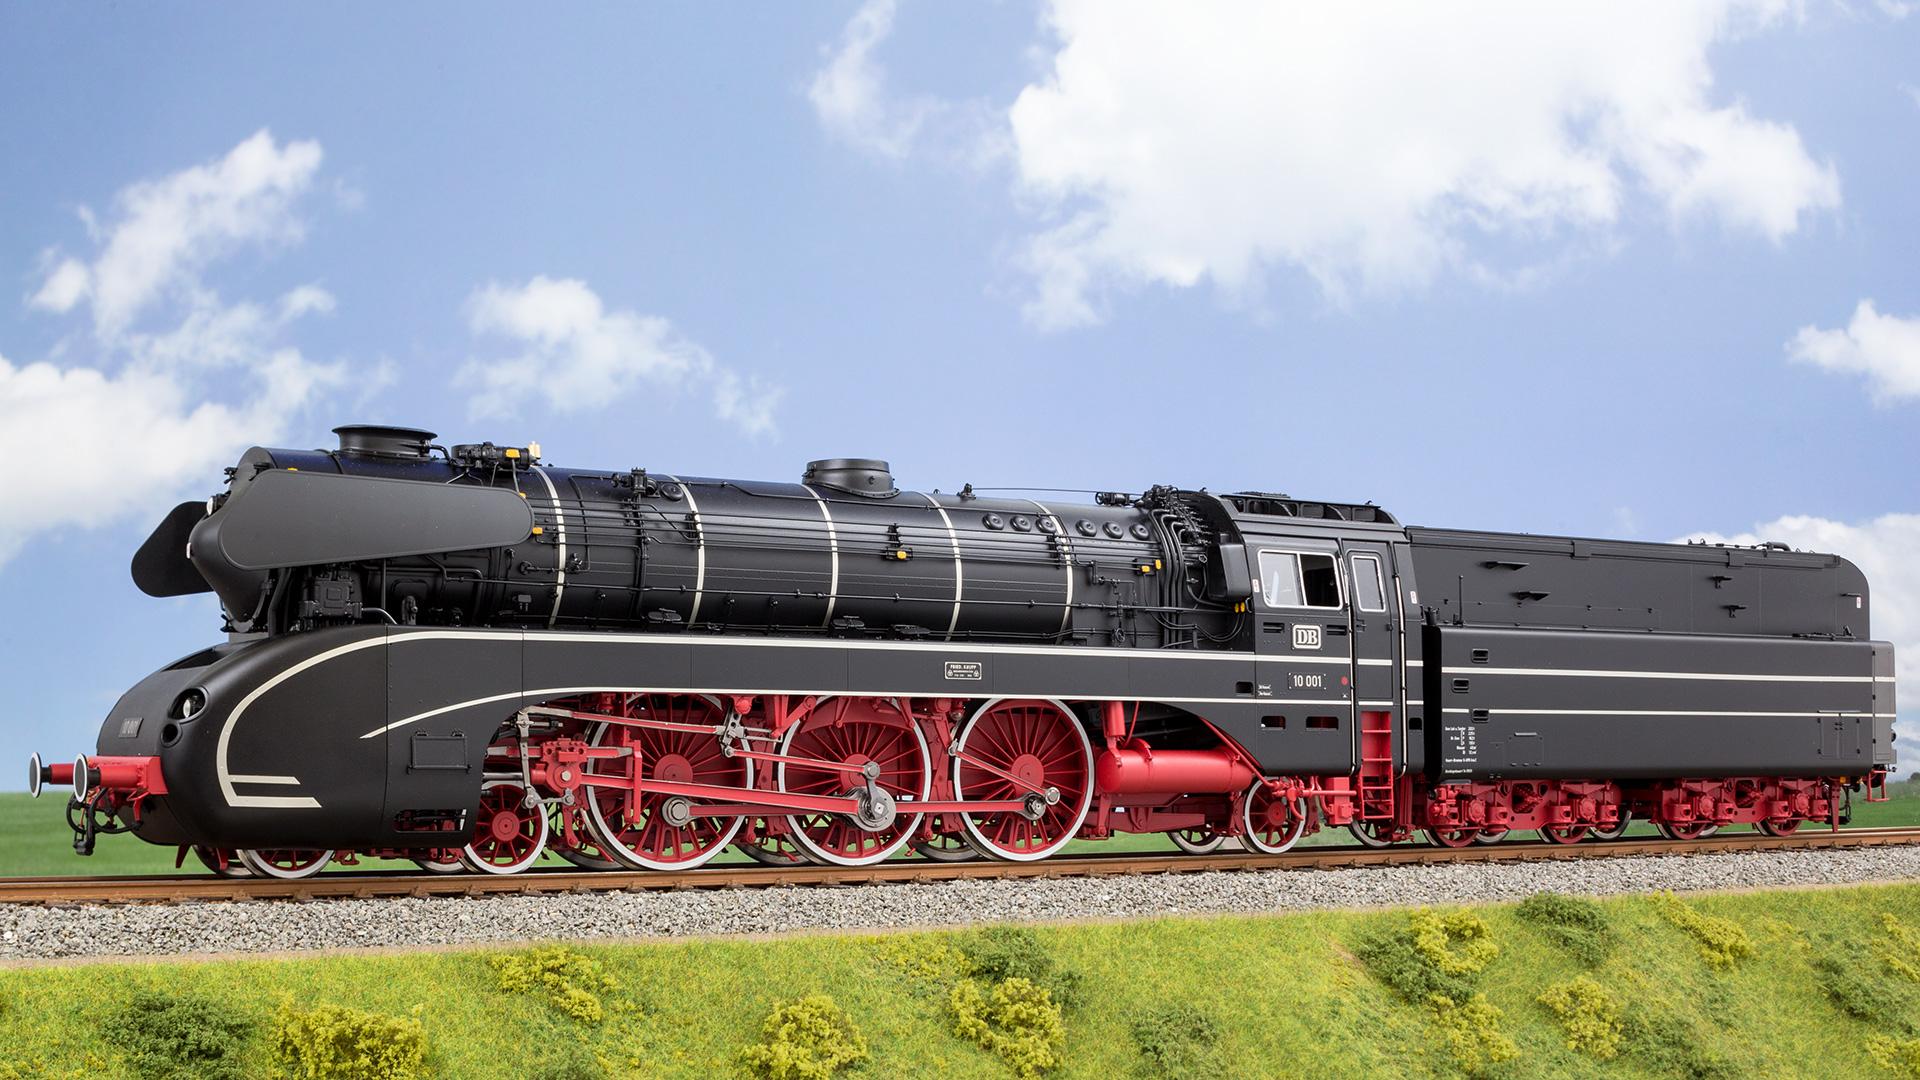 Die Baureihe 10 der Deutschen Bundesbahn, gefertigt im Maßstab 1:32. Komplett aus Metall verfügt das exakte Modell über Sound und zahlreiche Digitalfunktionen.